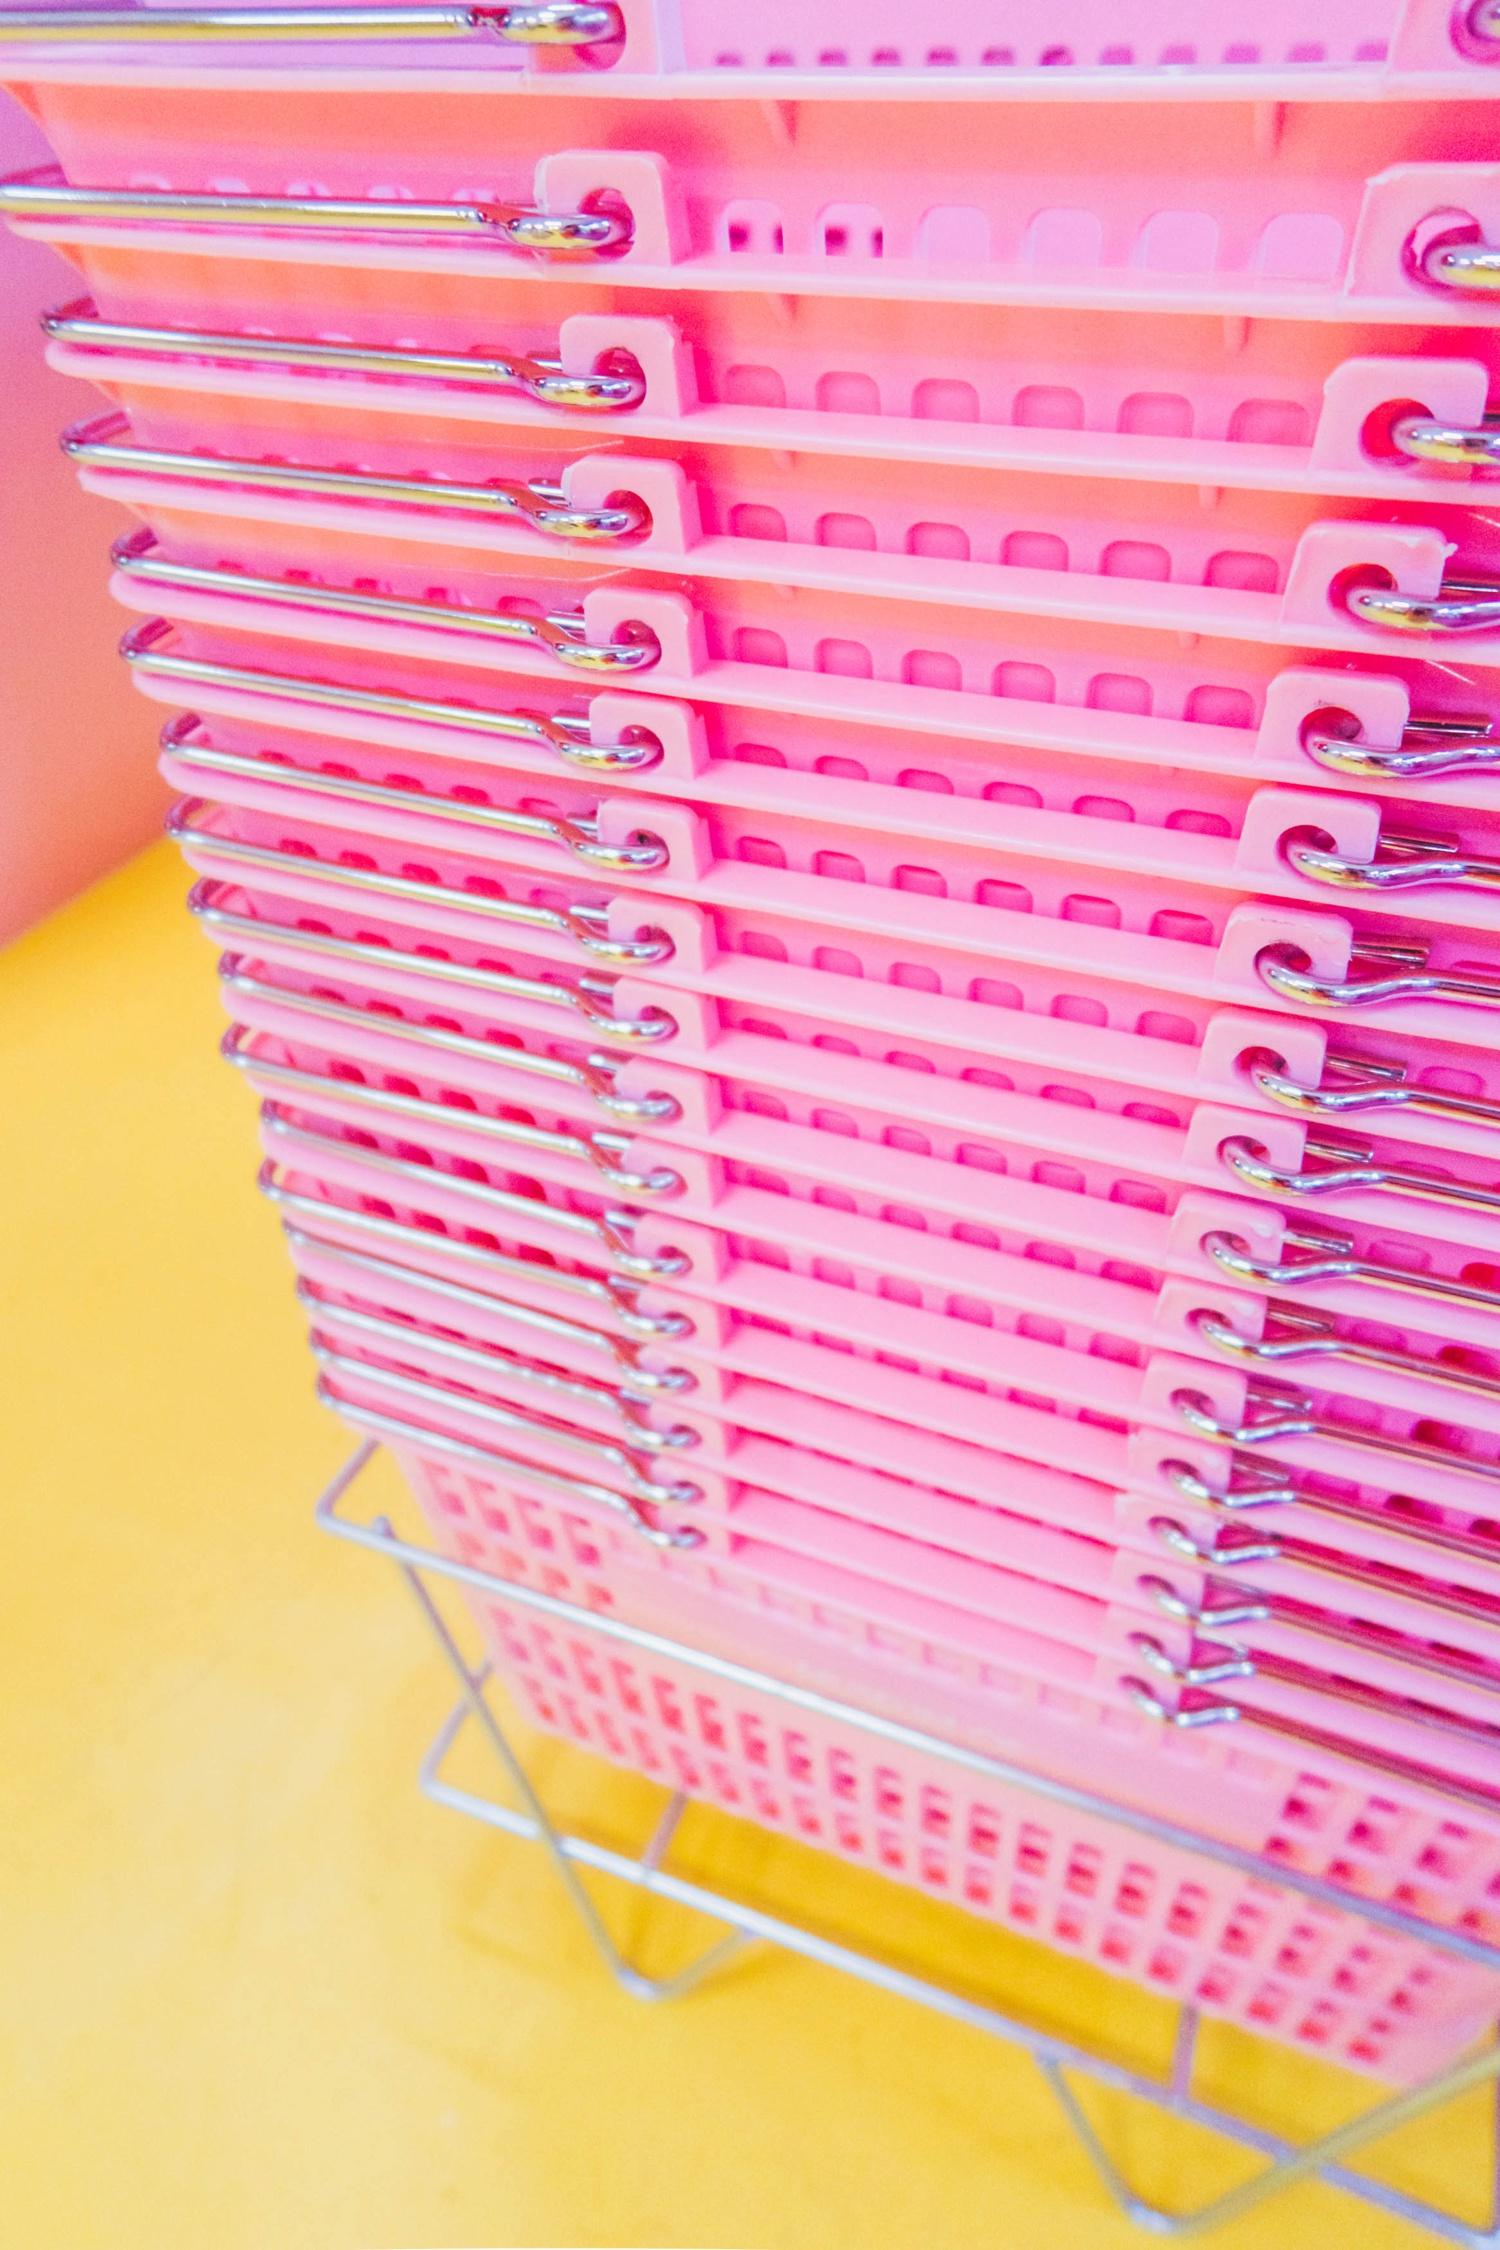 museum-ice-cream-new-york-pint-34.jpg